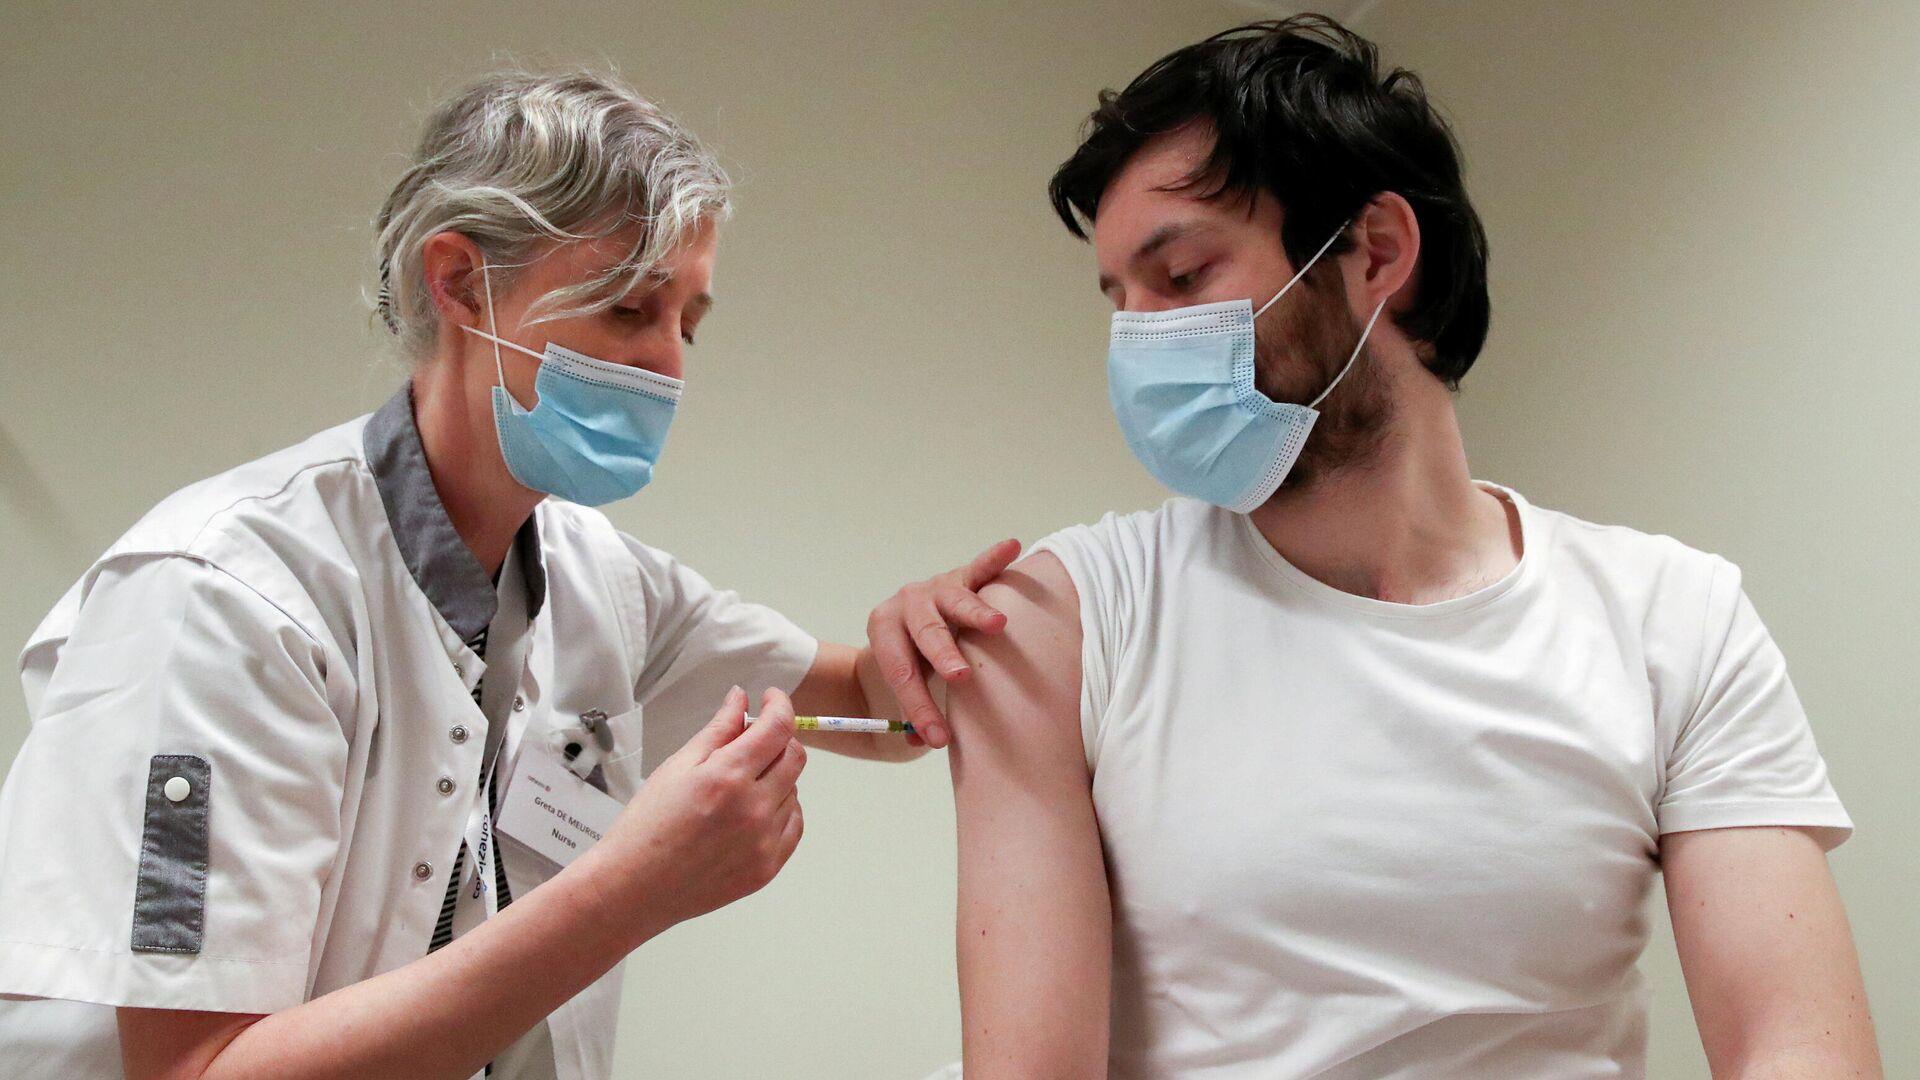 Медицинский работник делает прививку от COVID-19 во время испытаний вакцины CureVac - РИА Новости, 1920, 17.06.2021